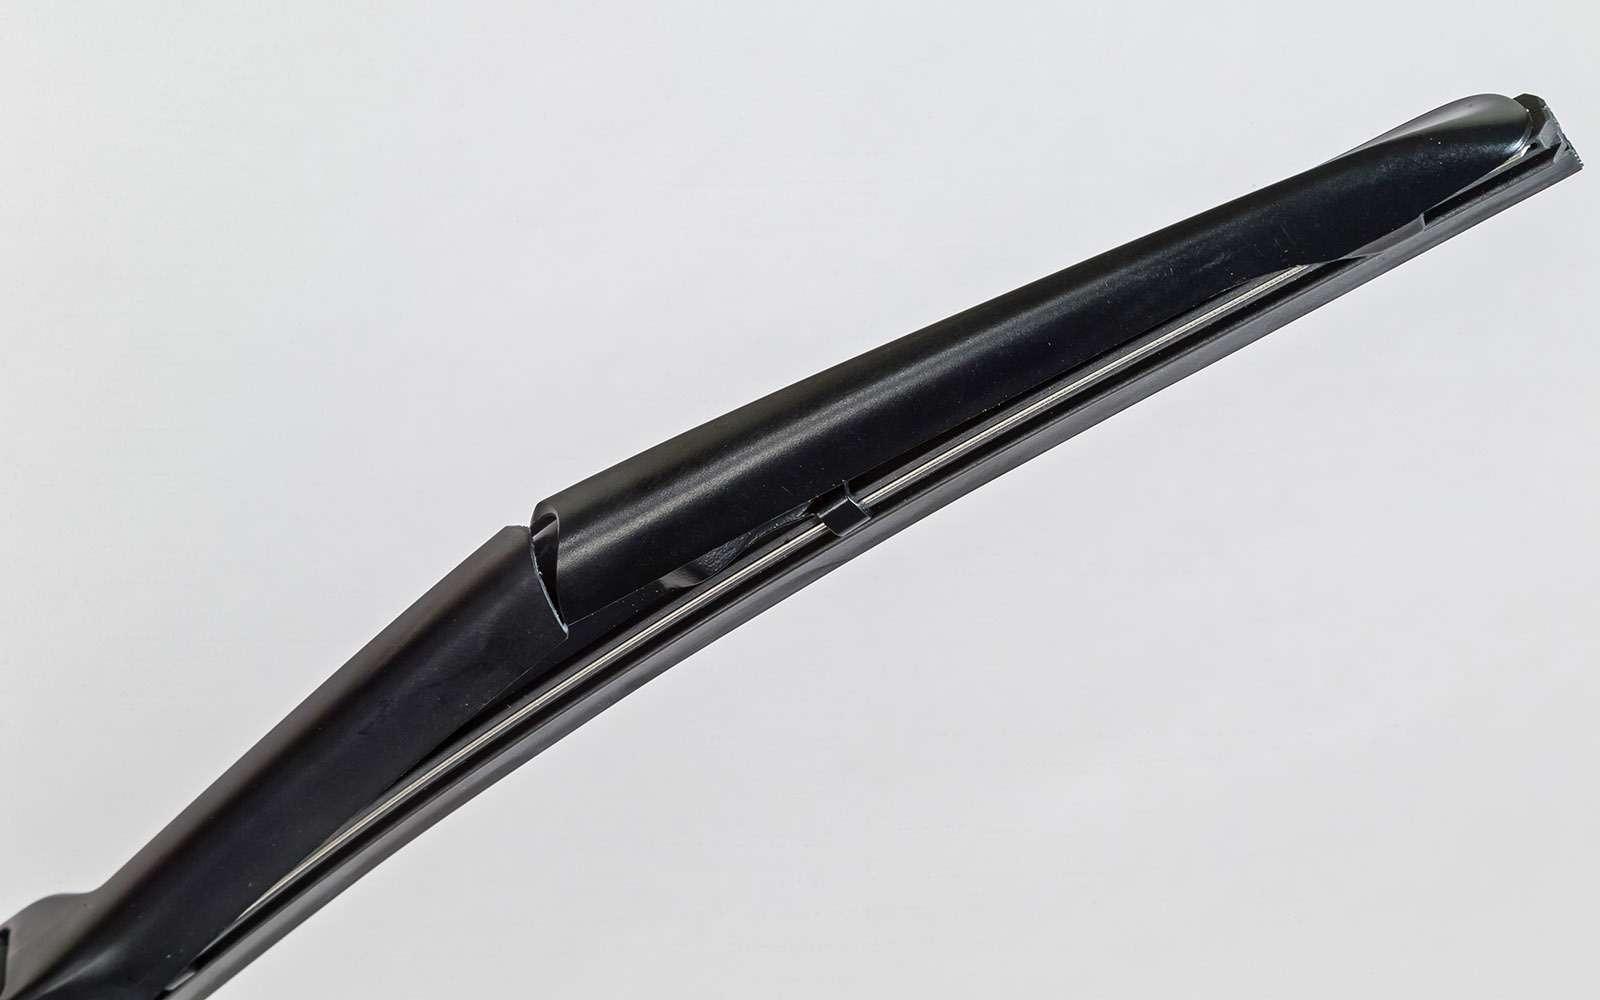 Цена прозрения: эксперты ЗРвыбирают щетки стеклоочистителей— фото 677405